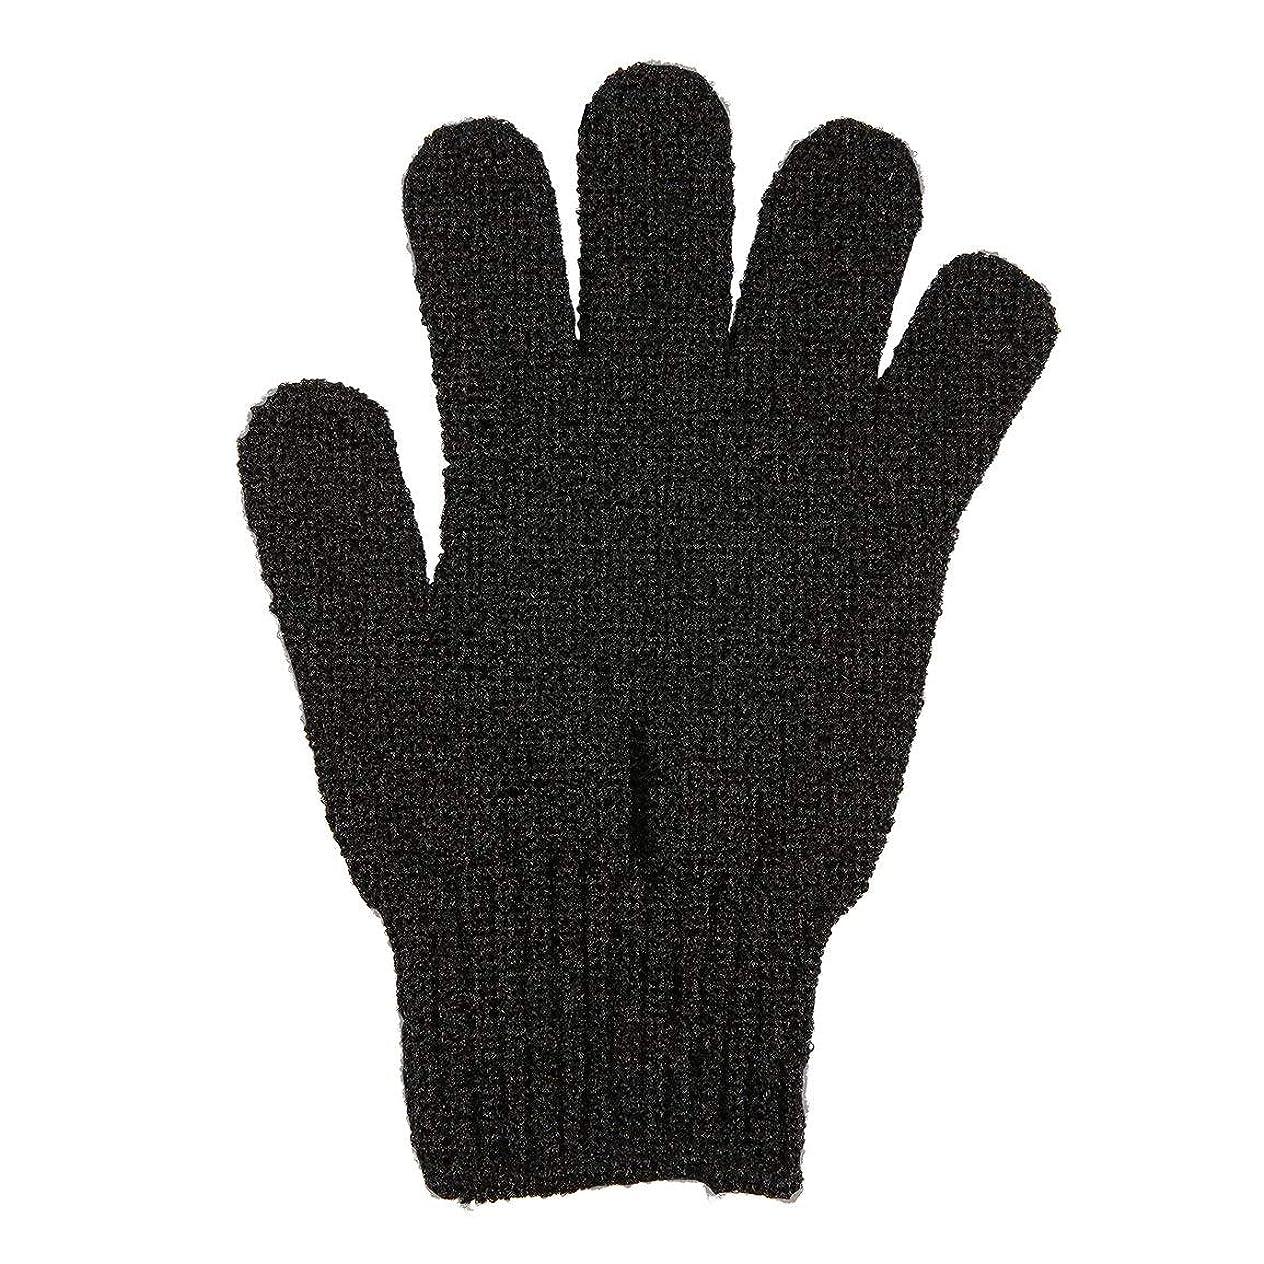 ブルーベルイタリアのつなぐ角質除去手袋フルボディスクラブデッドセルソフトスキン血液循環シャワーバススパ剥離アクセサリー - ブラック